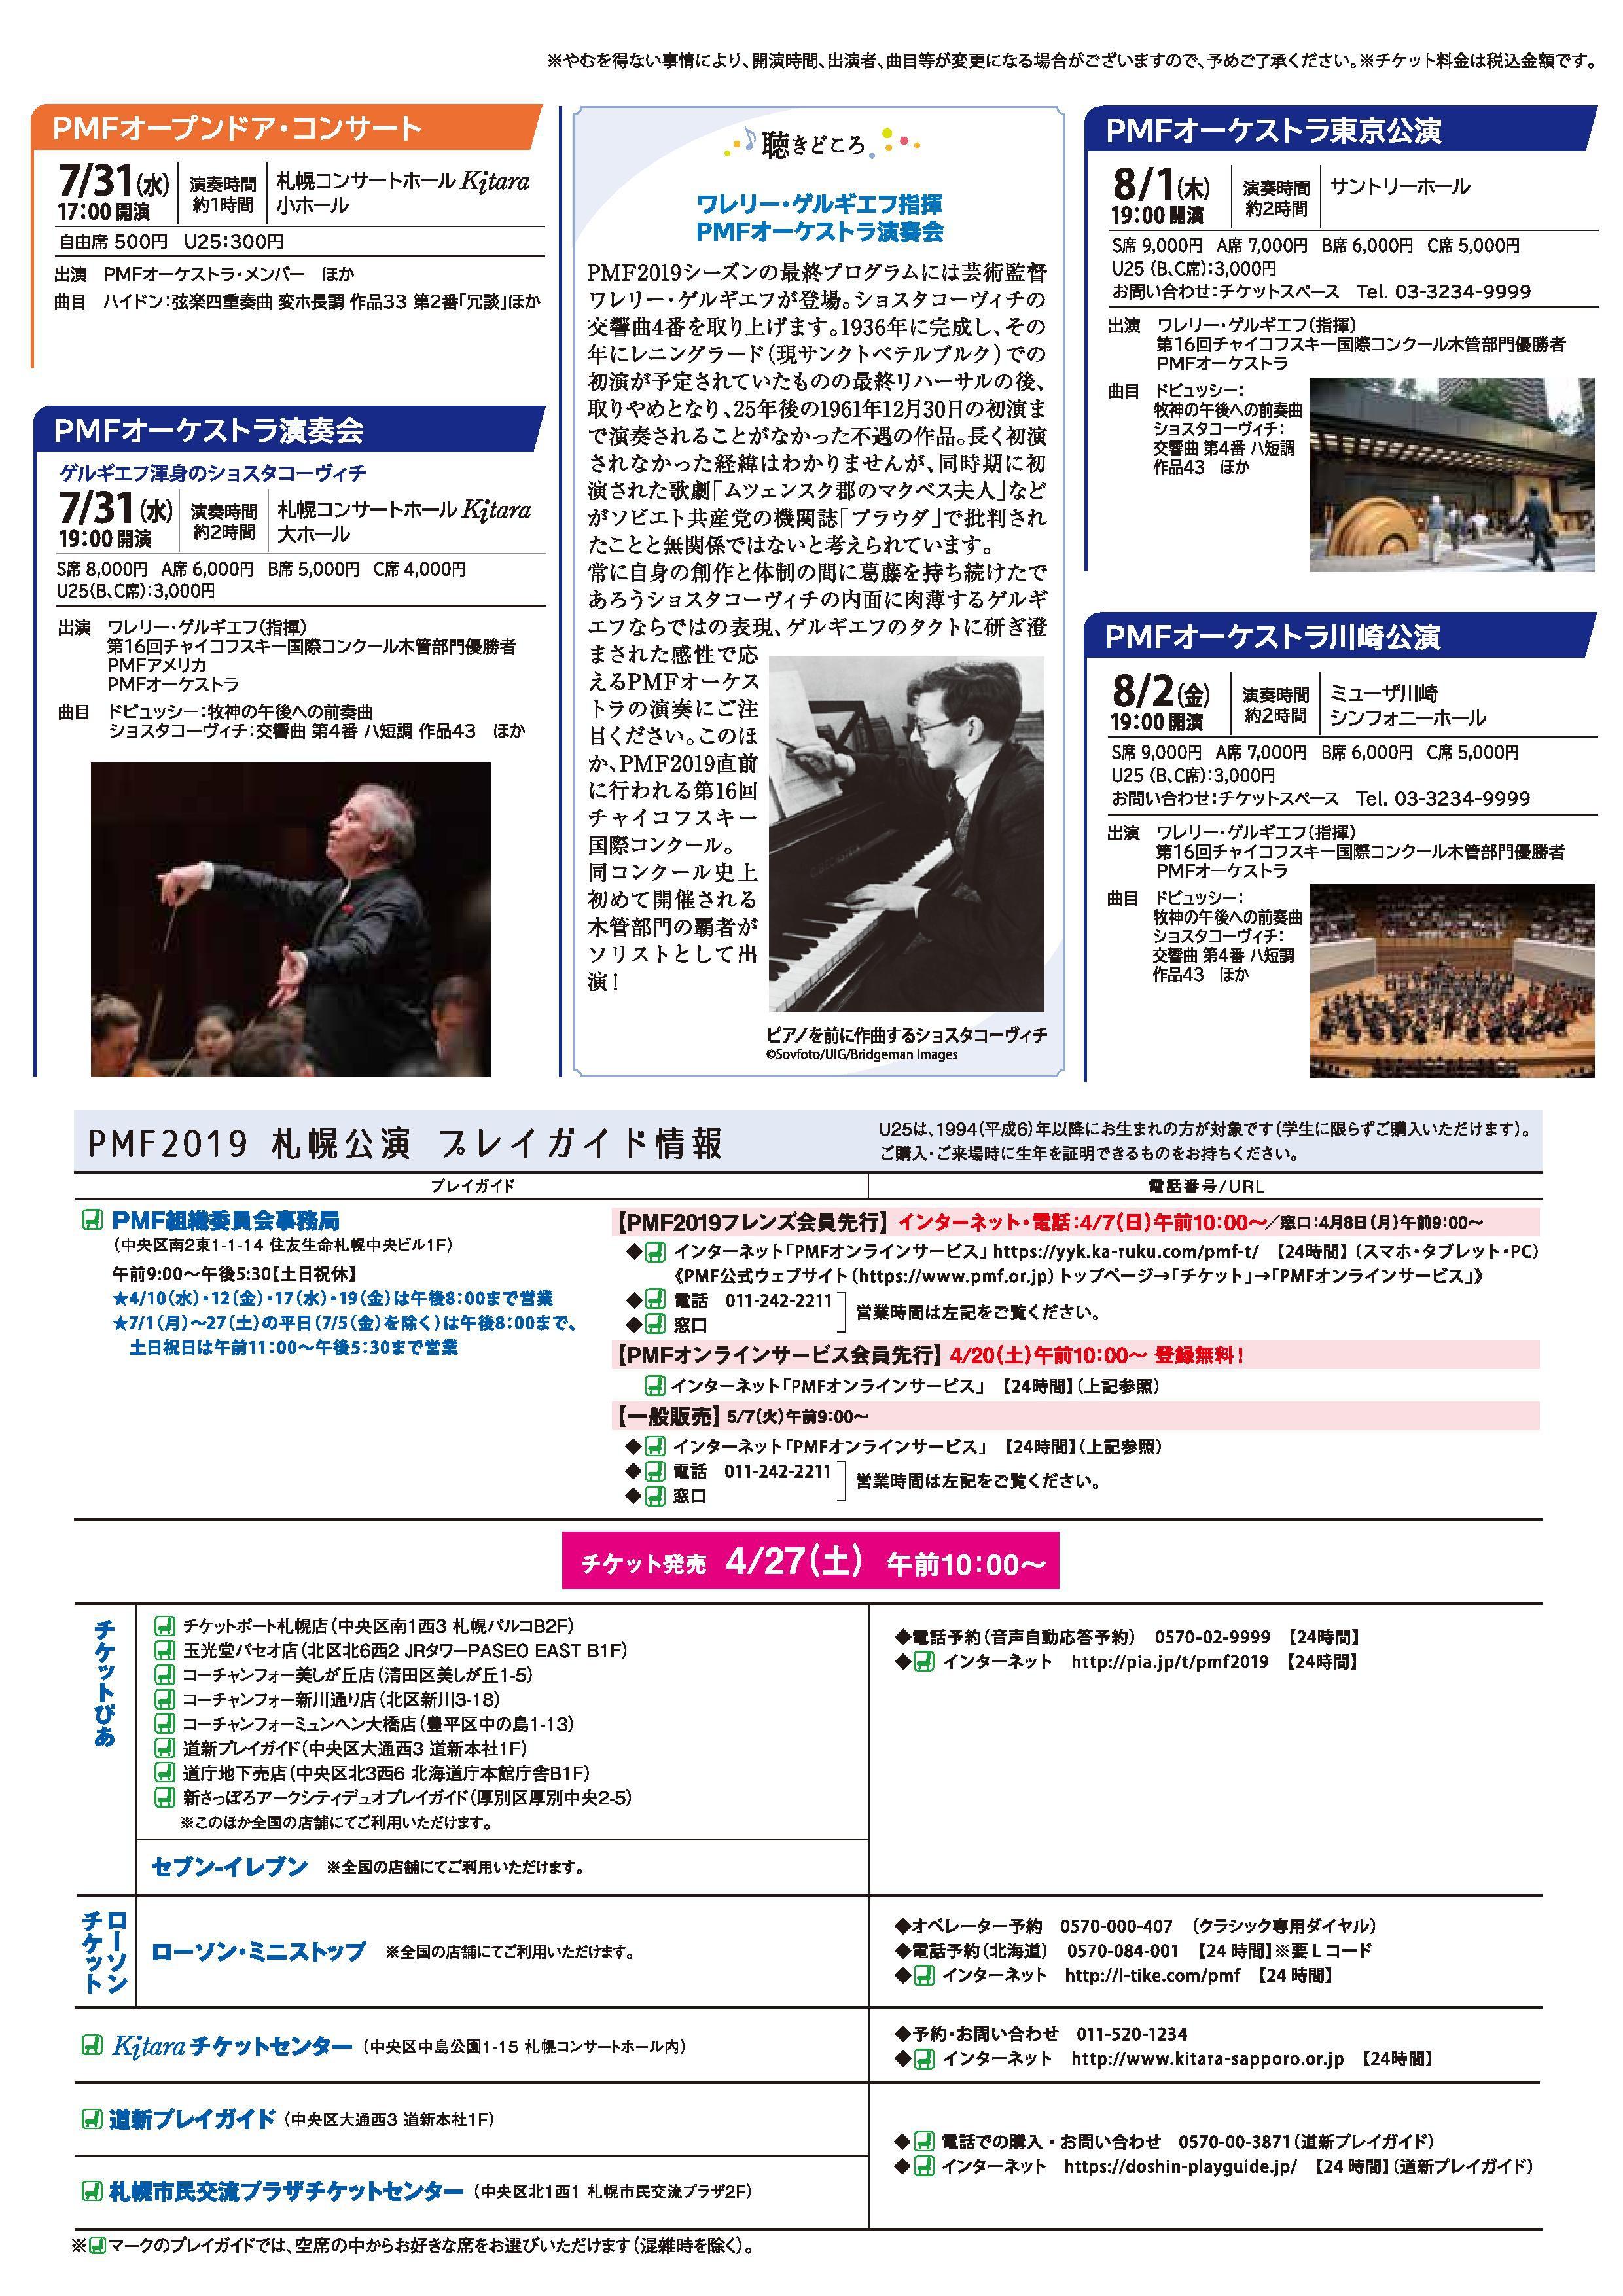 PMF2019 公演スケジュール(第1版) 4枚目